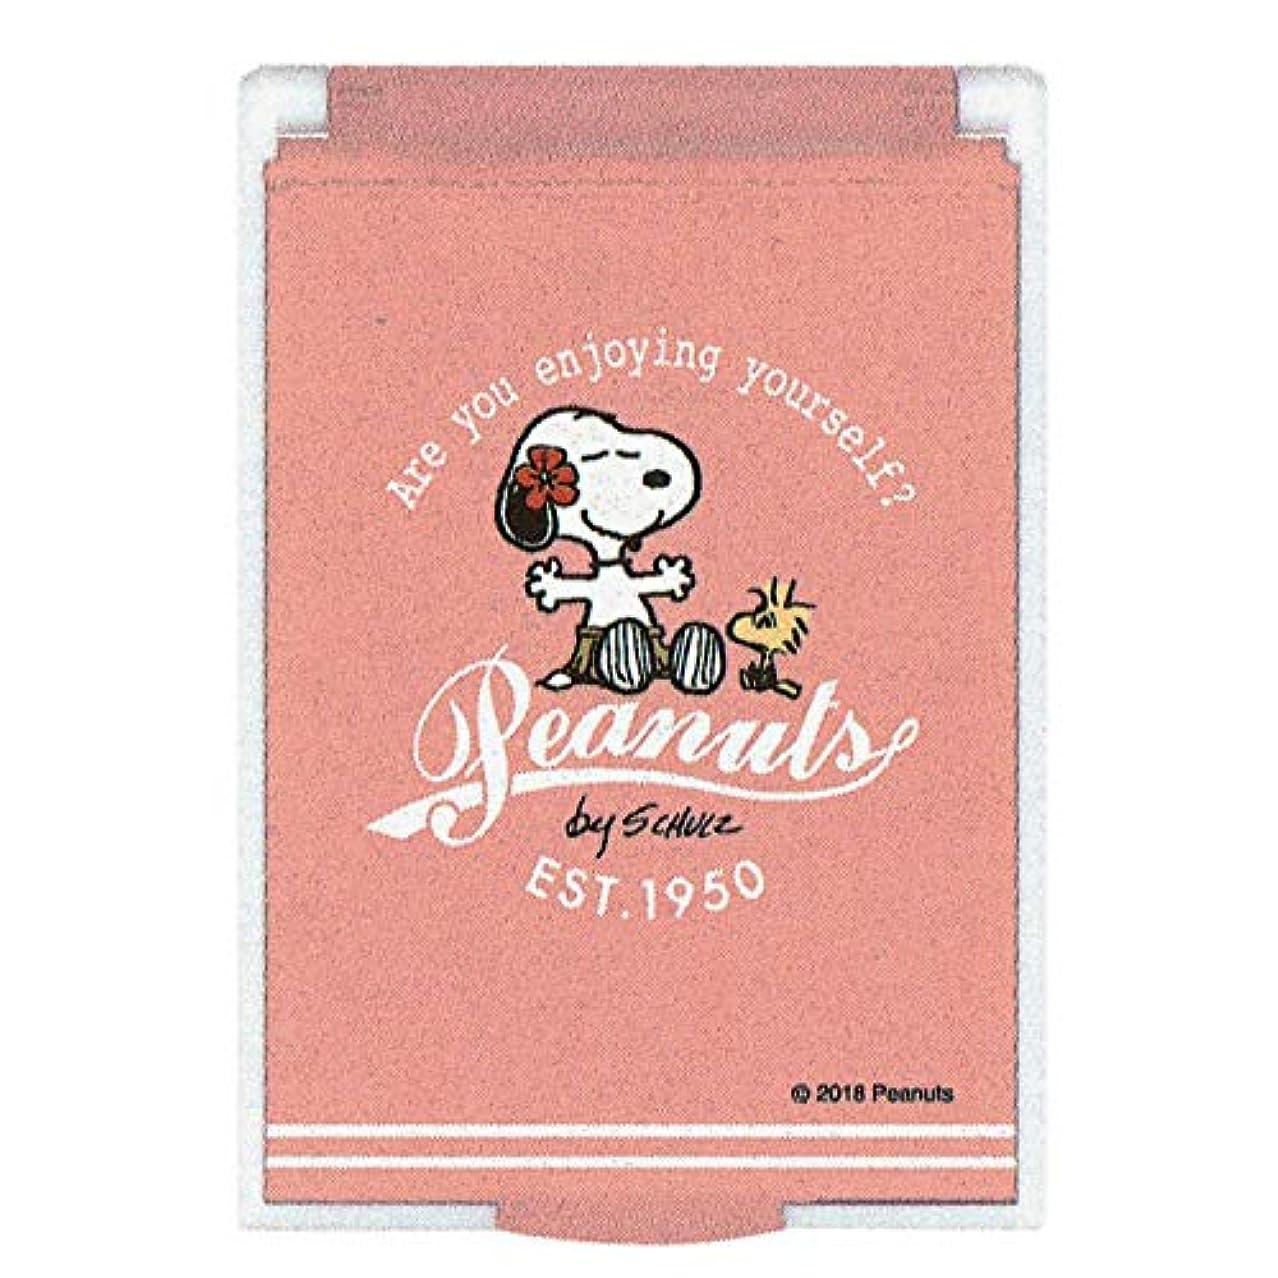 憲法寸前がっかりした(株)カミオジャパン スヌーピー カードミラーS レッツダンス コスメコレクション 633595